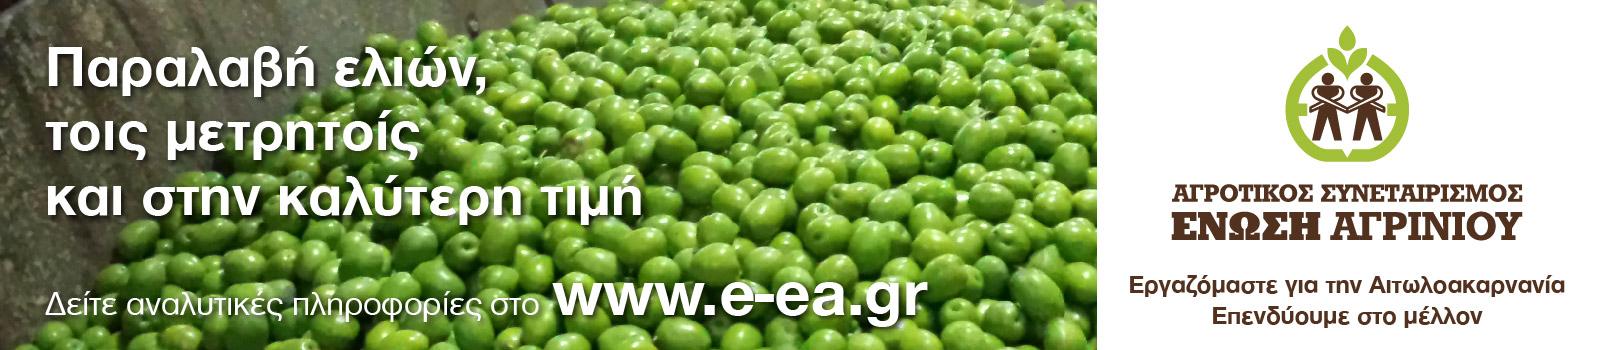 Παραγωγής Ζωοτροφών Ένωση Αγρινίου